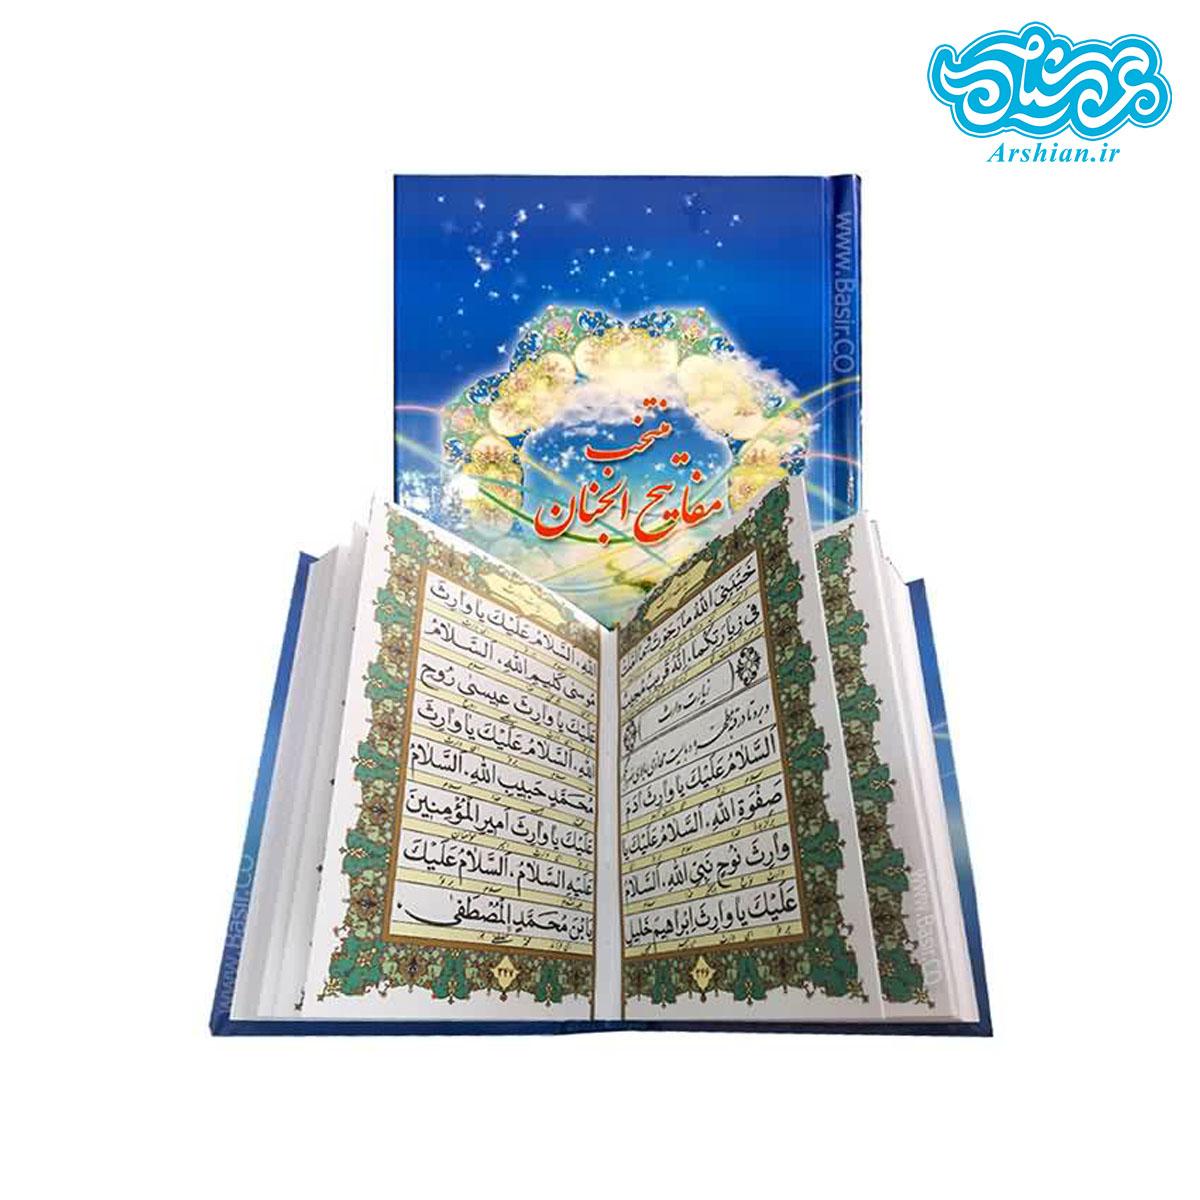 قلم قرآنی 16 گیگابایت بصیر به همراه منتخب مفاتیح